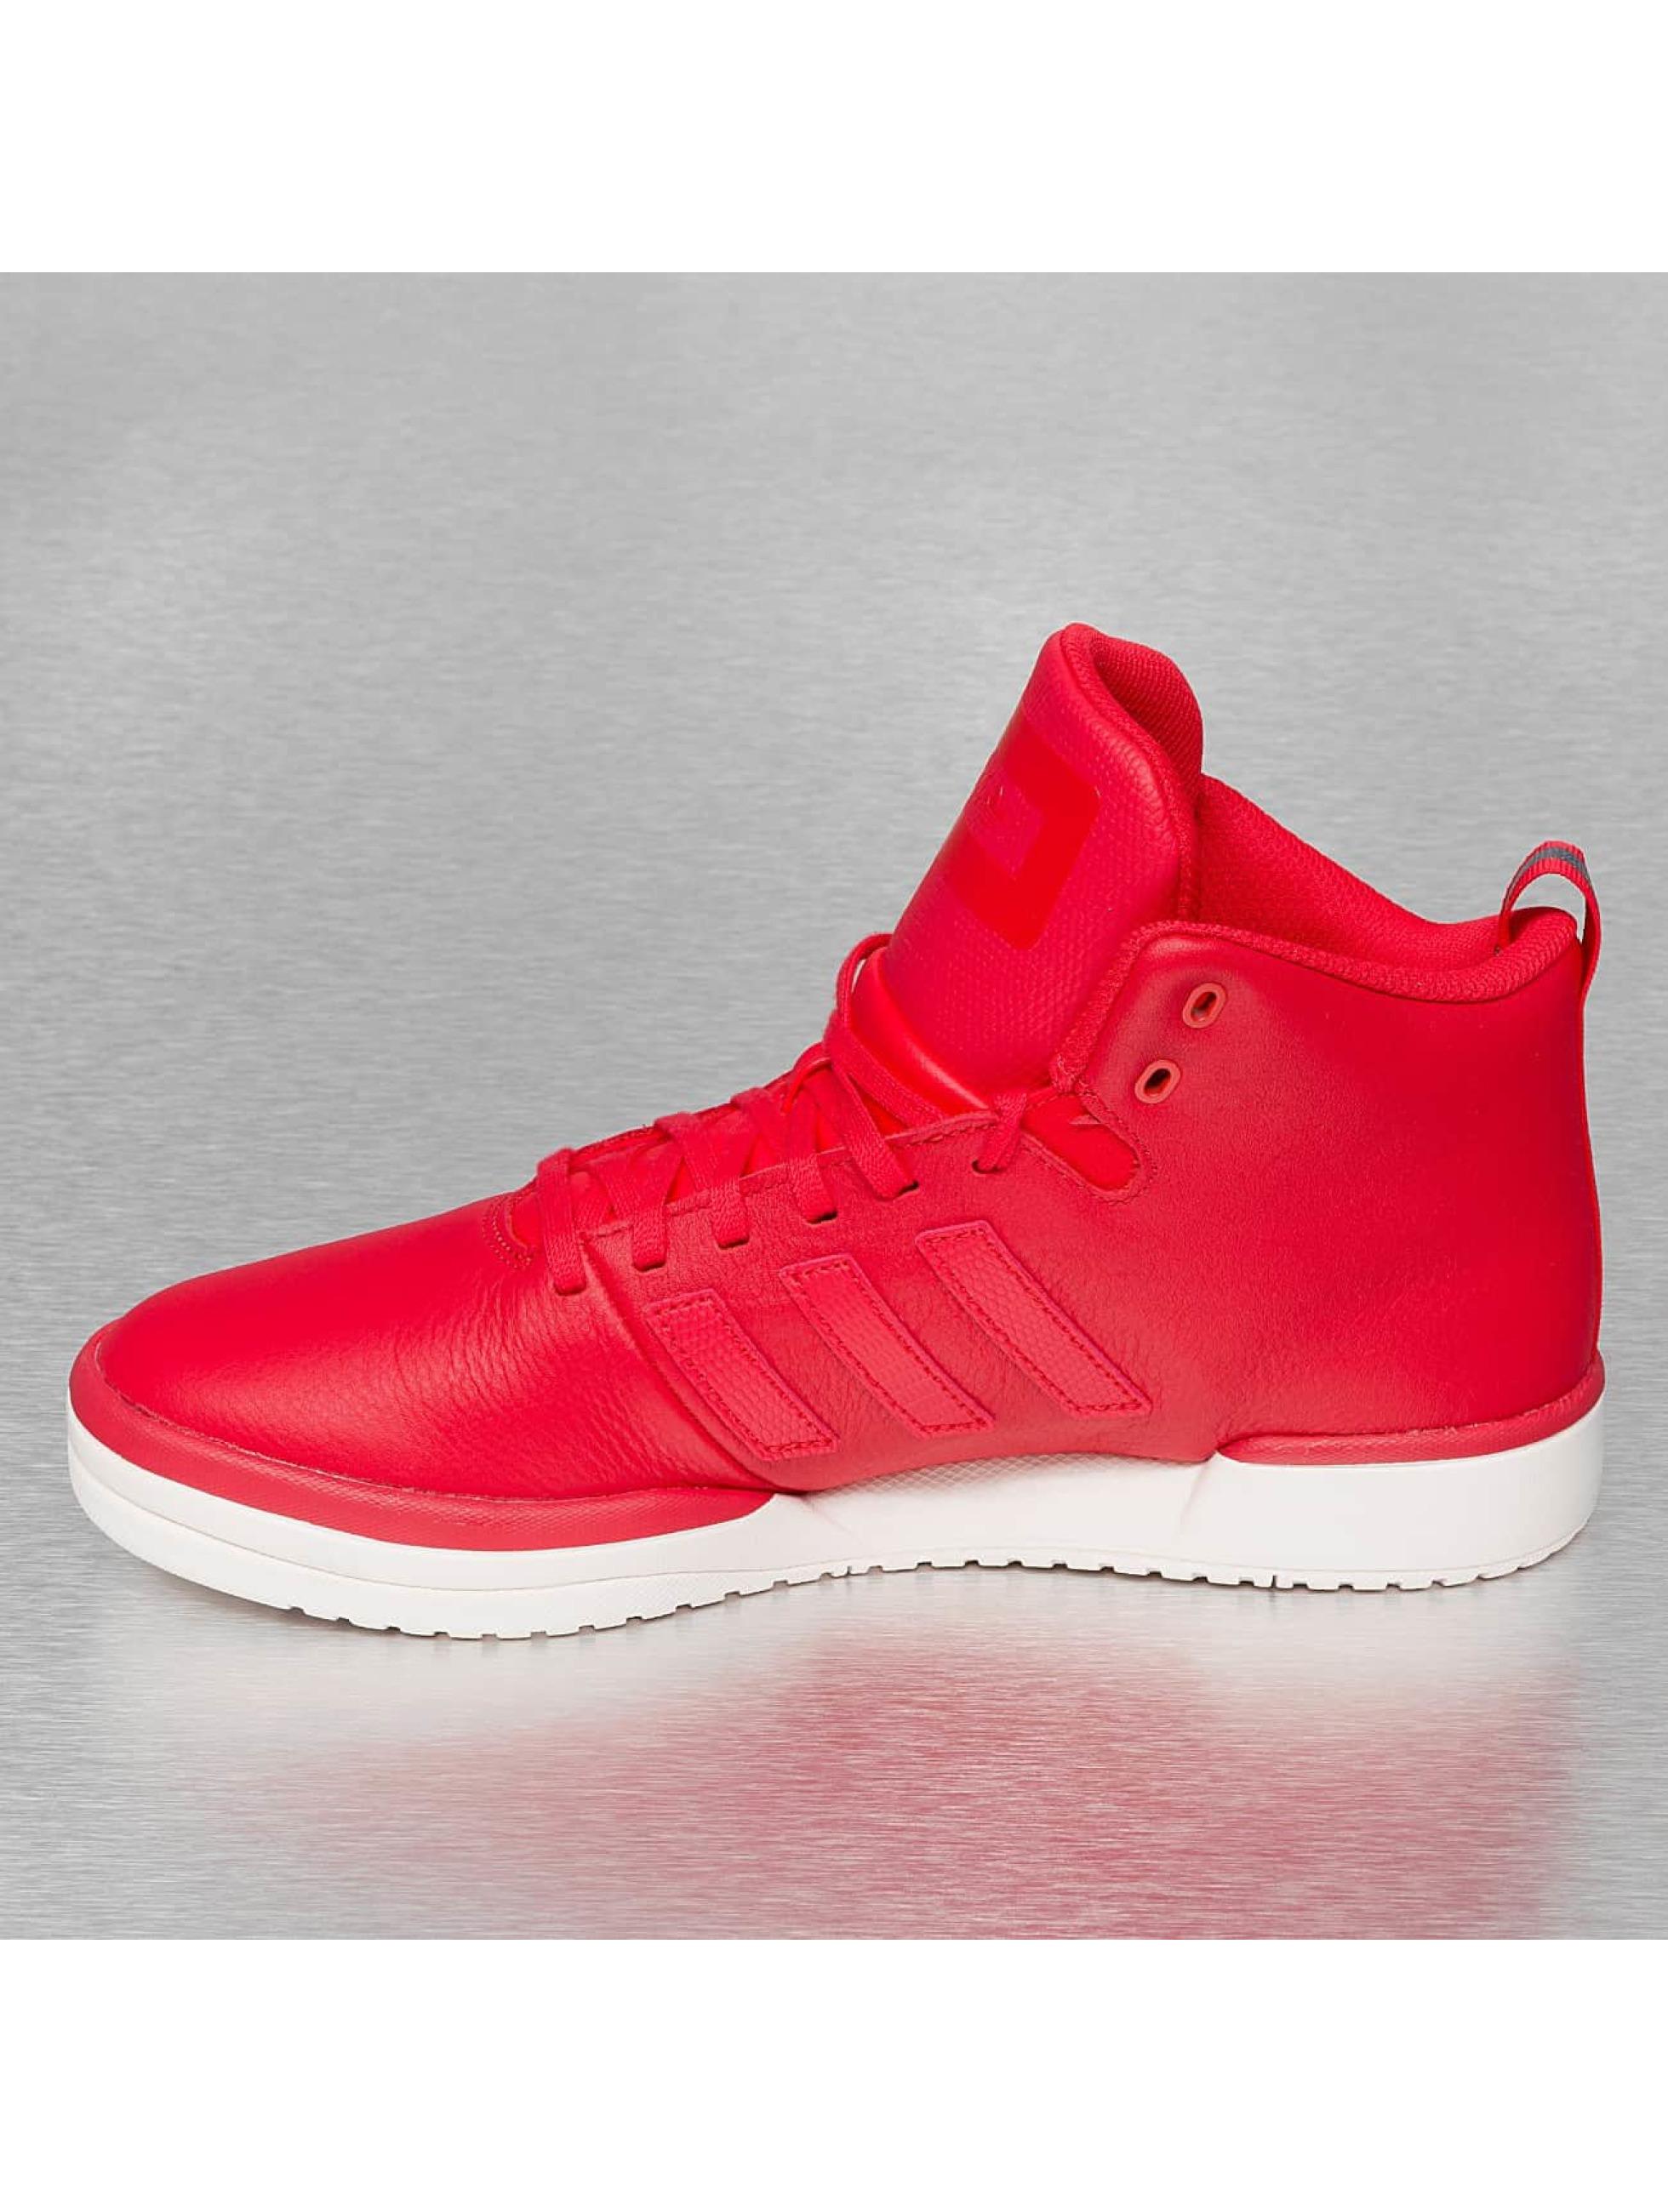 Adidas Rood